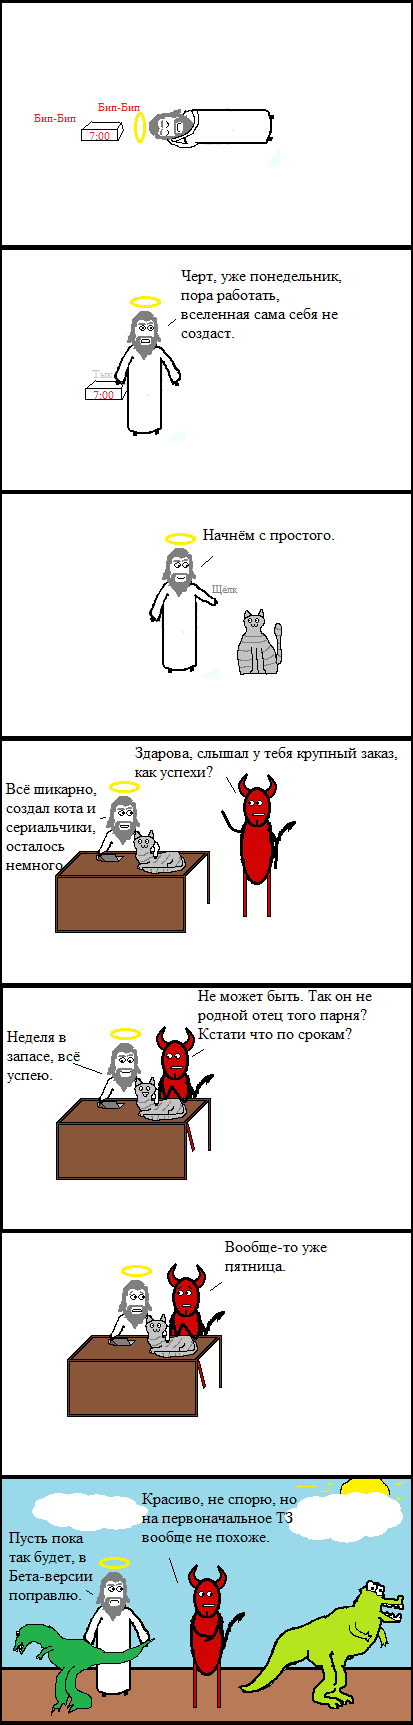 Создавательское Комиксы, длиннопост, cynicmansion, креационизм